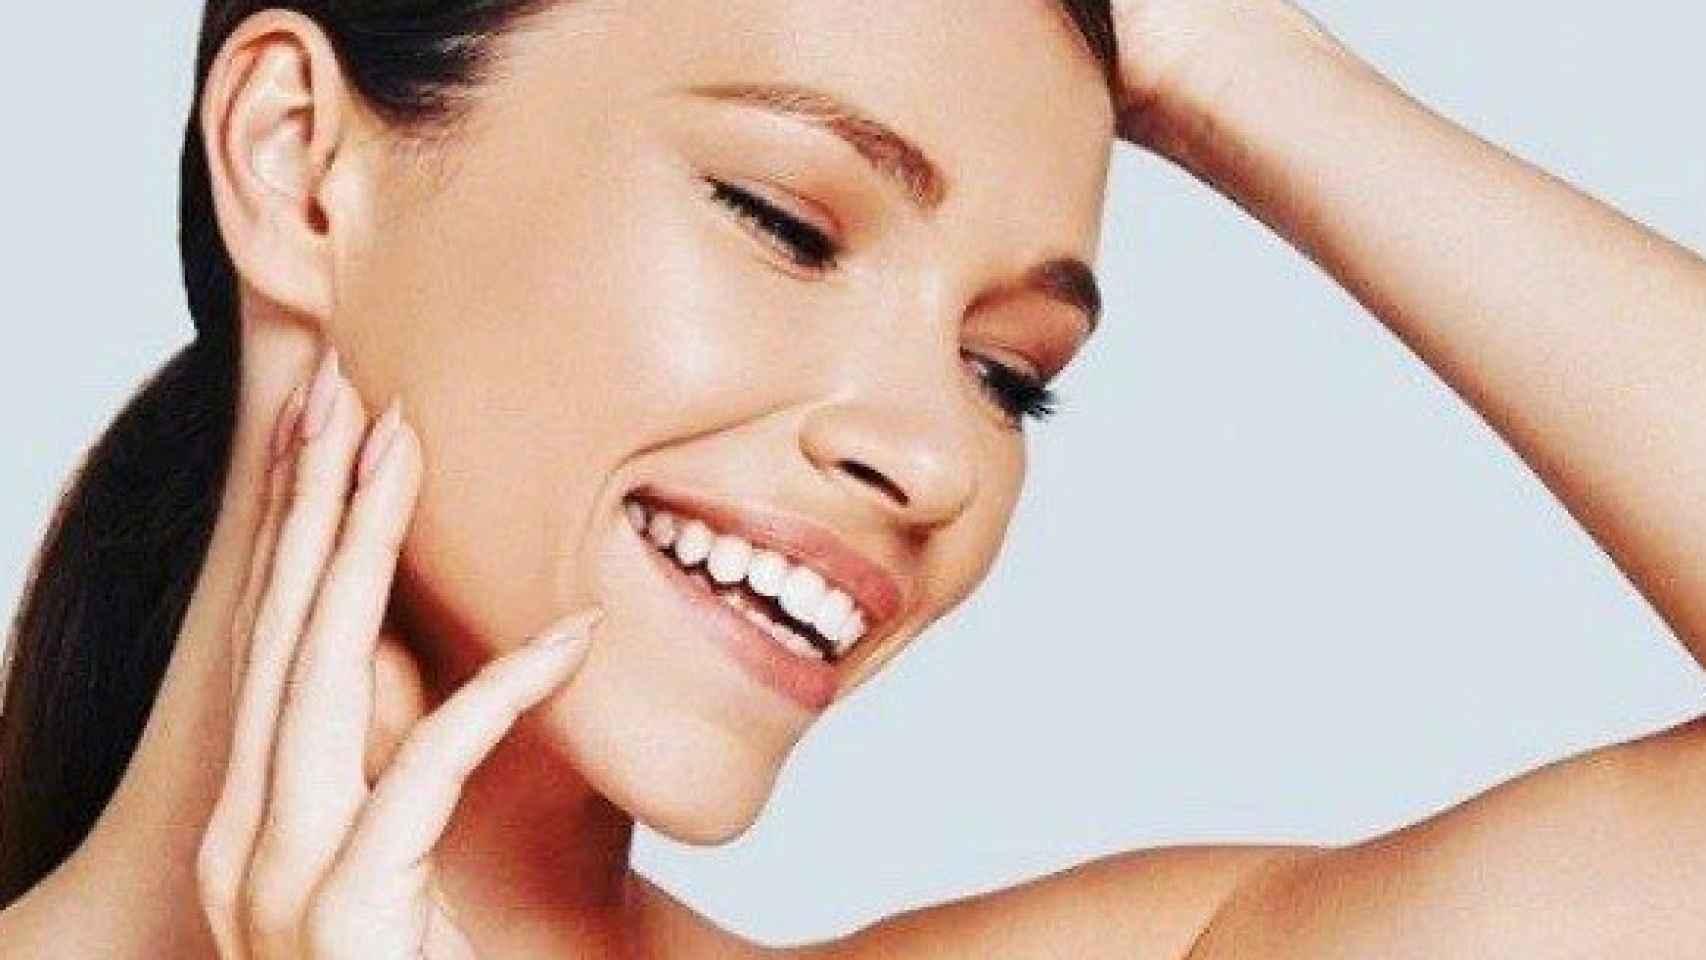 La piel necesita una buena expoliación y crema adecuada.